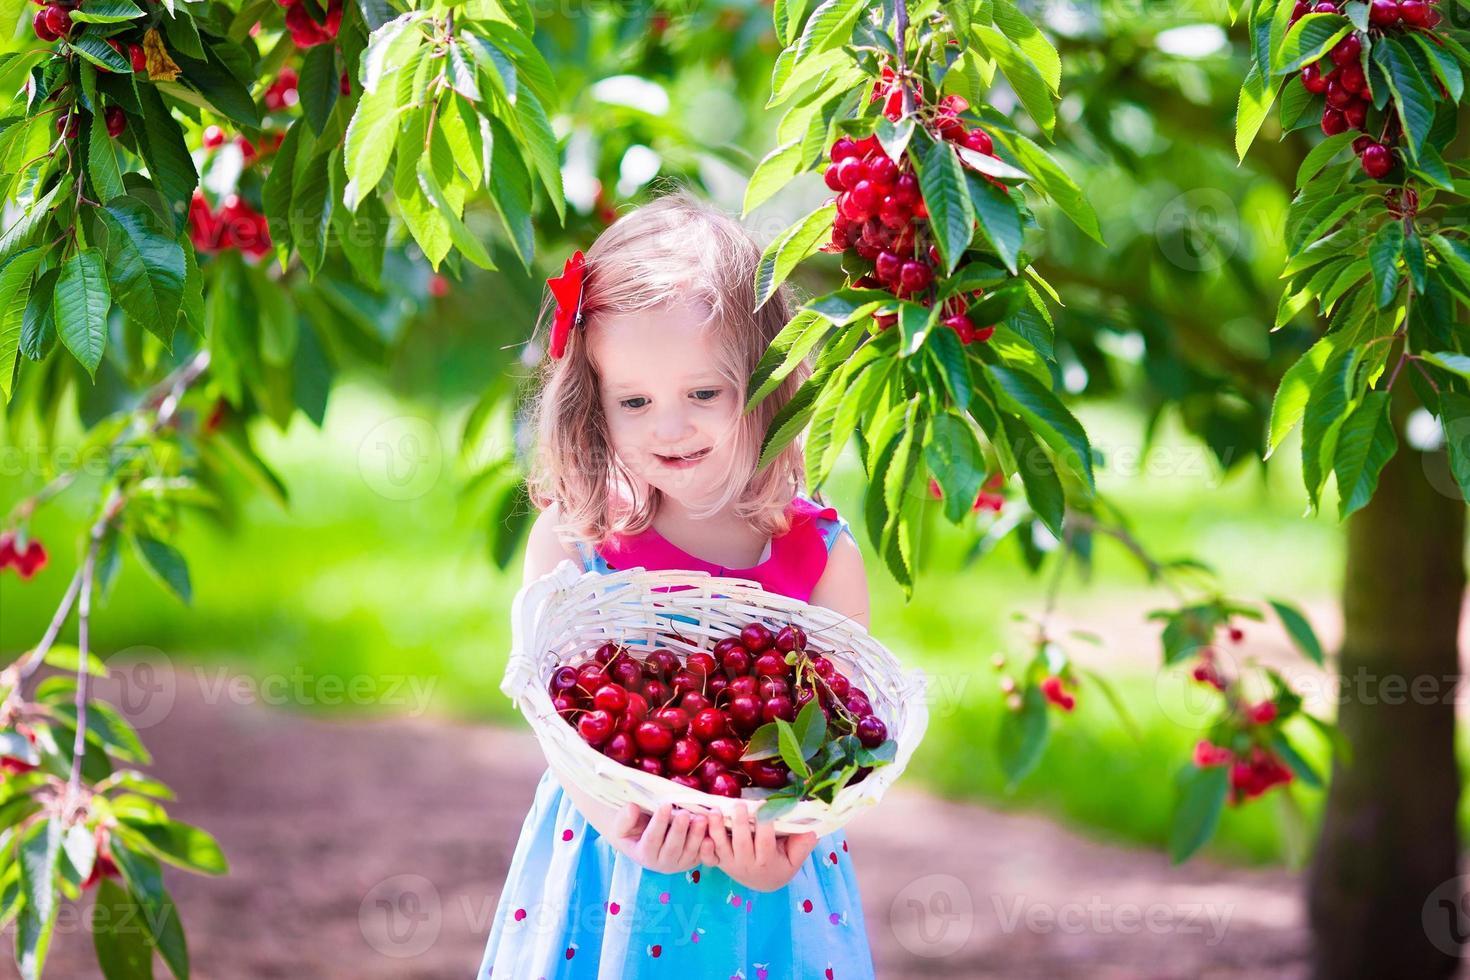 kleines Mädchen, das frische Kirschbeere im Garten pflückt foto